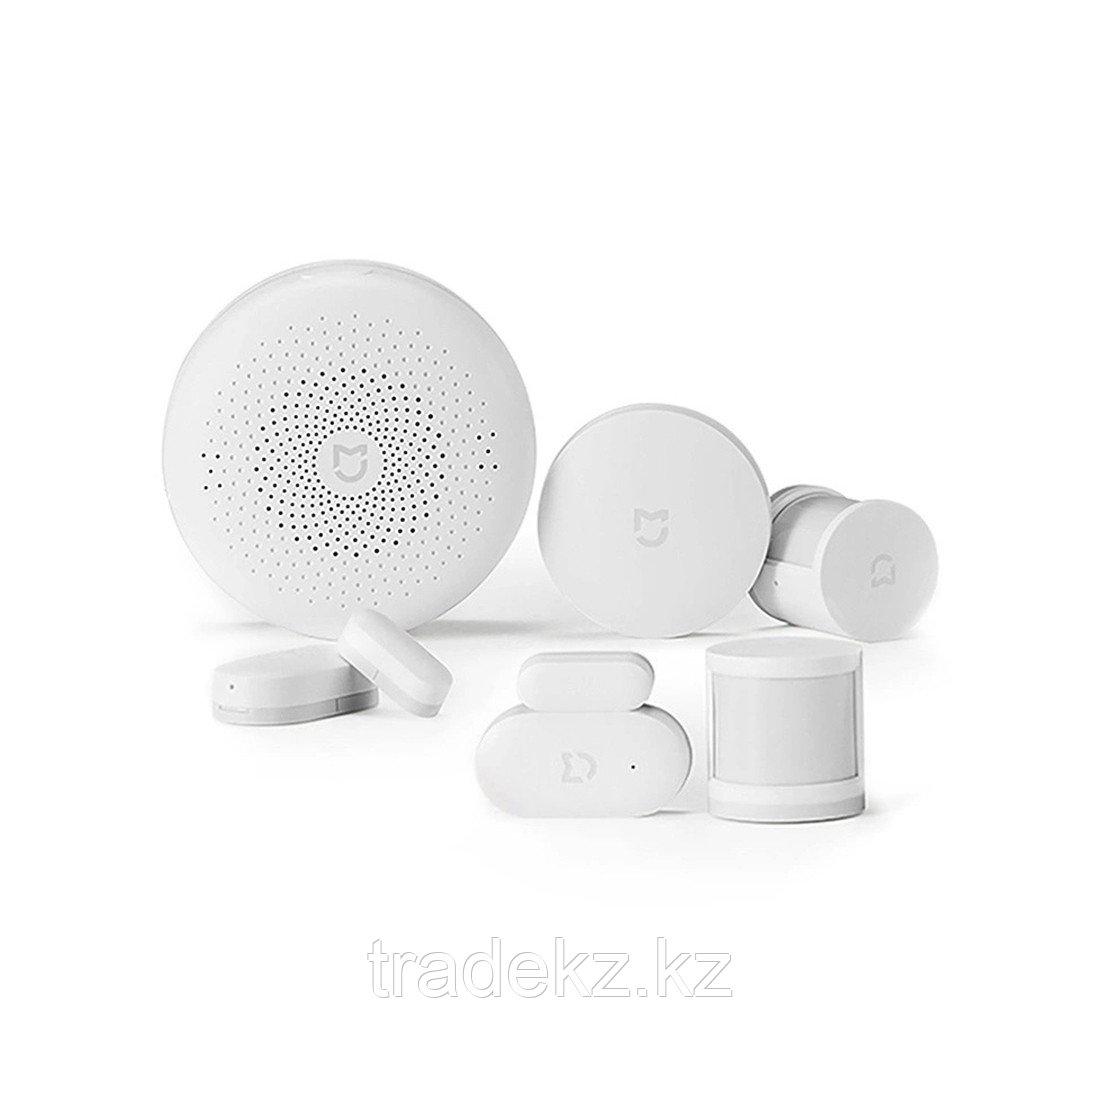 Комплект умного дома Xiaomi Mi Smart Sensor Set RU (ZHTZ02LM)